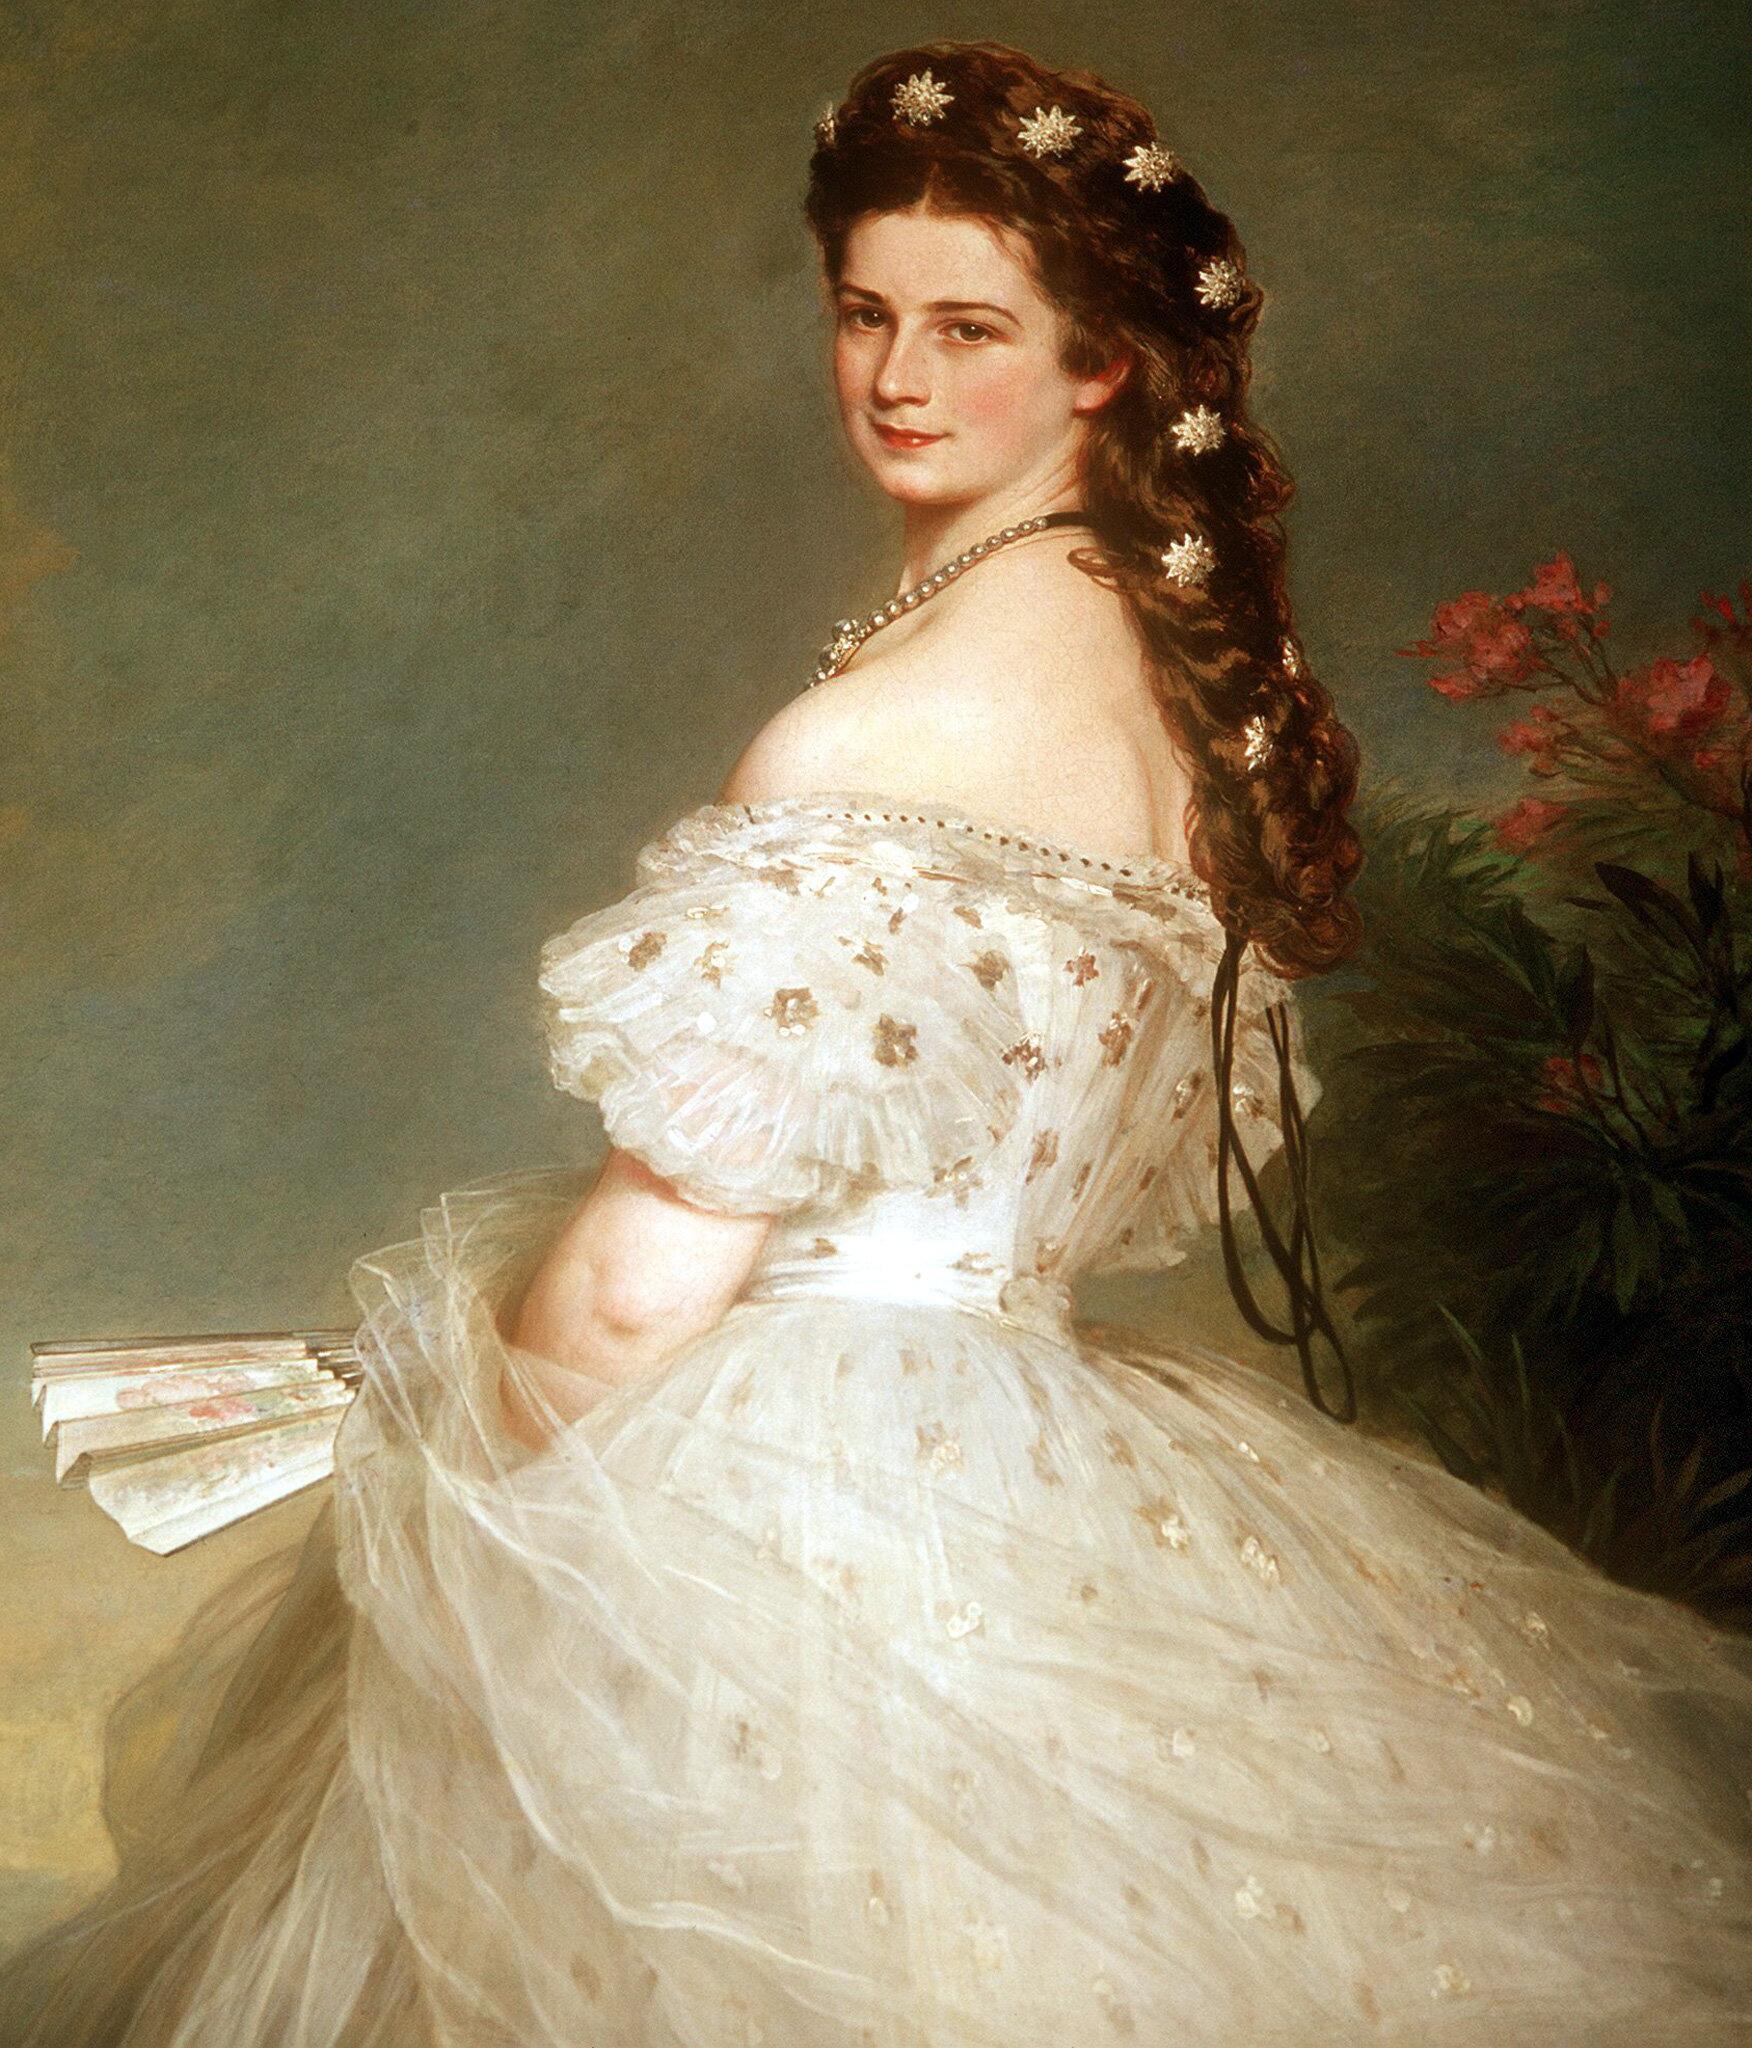 Bild zu Sisi, Kaiserin Elisabeth von Österreich